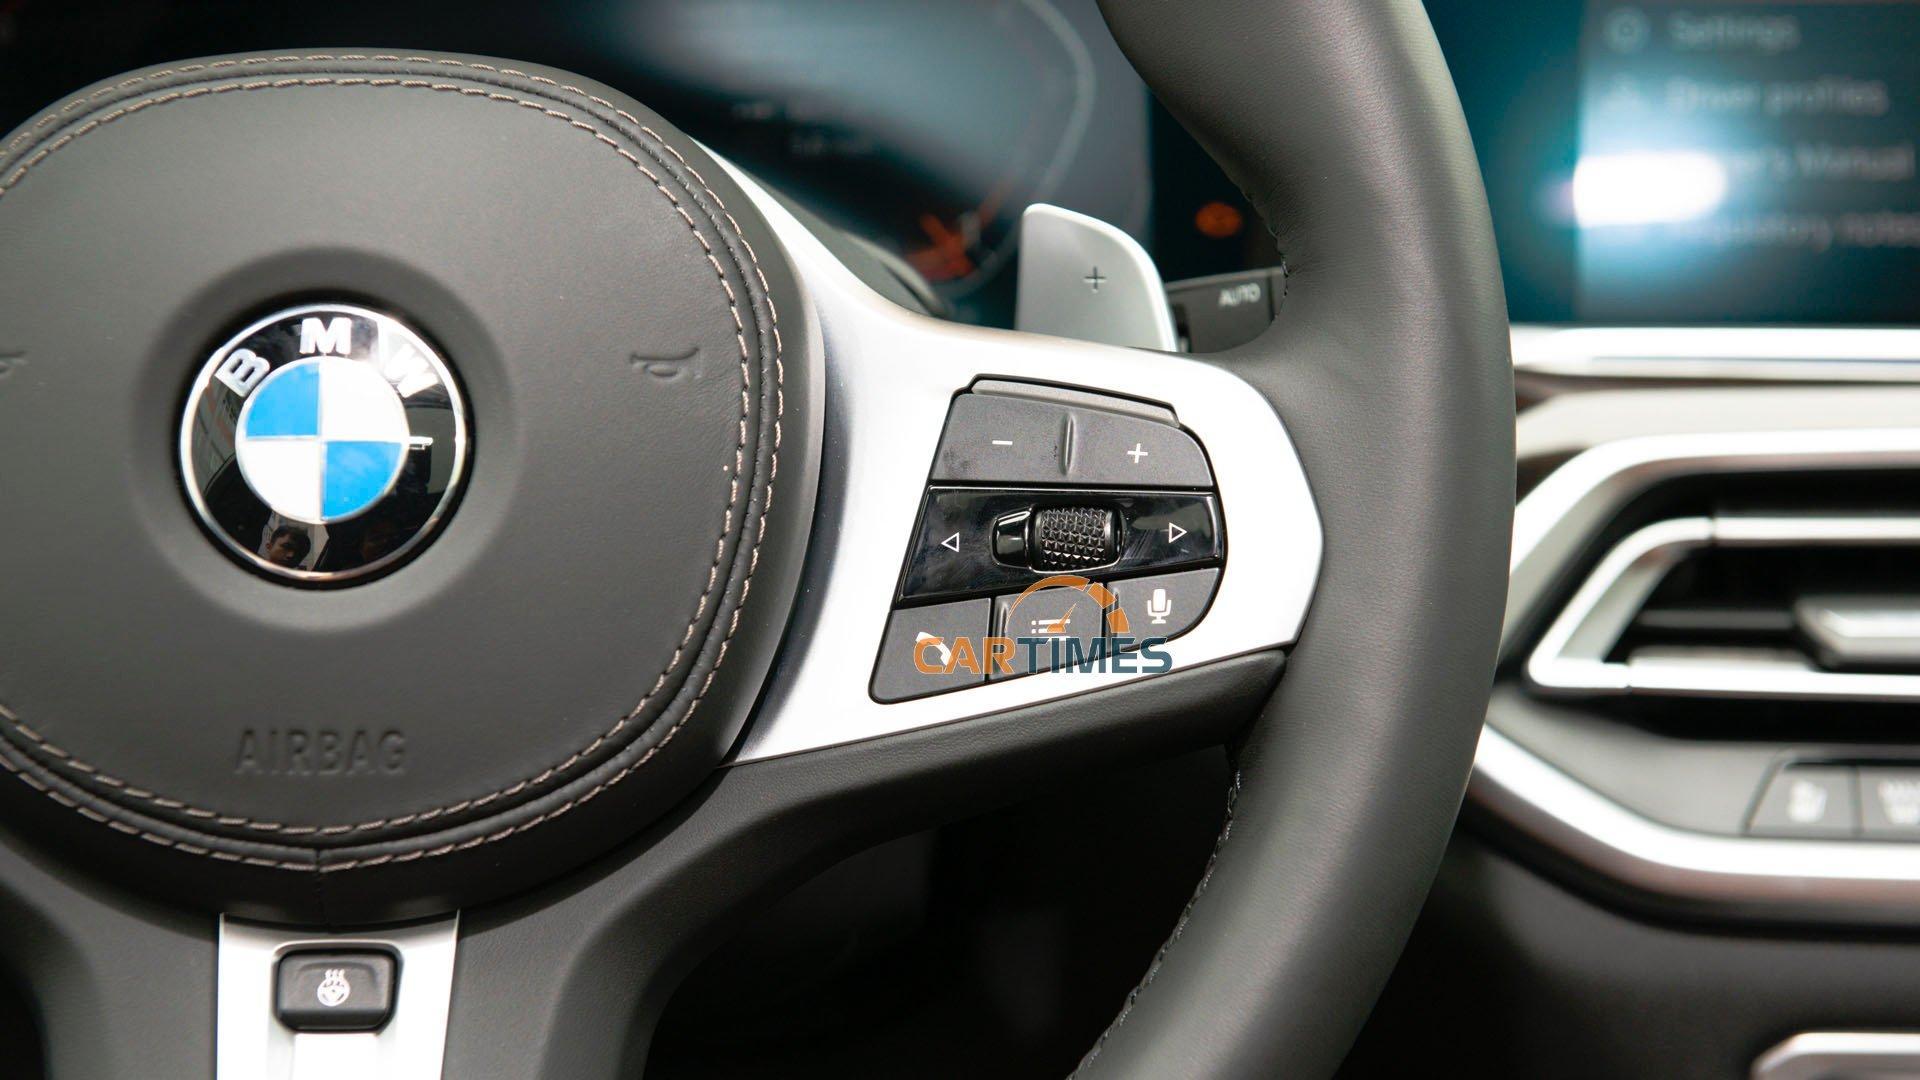 Giá hơn 7 tỷ đồng, BMW X7 thứ 2 về Việt Nam có những trang bị gì? Ảnh 8